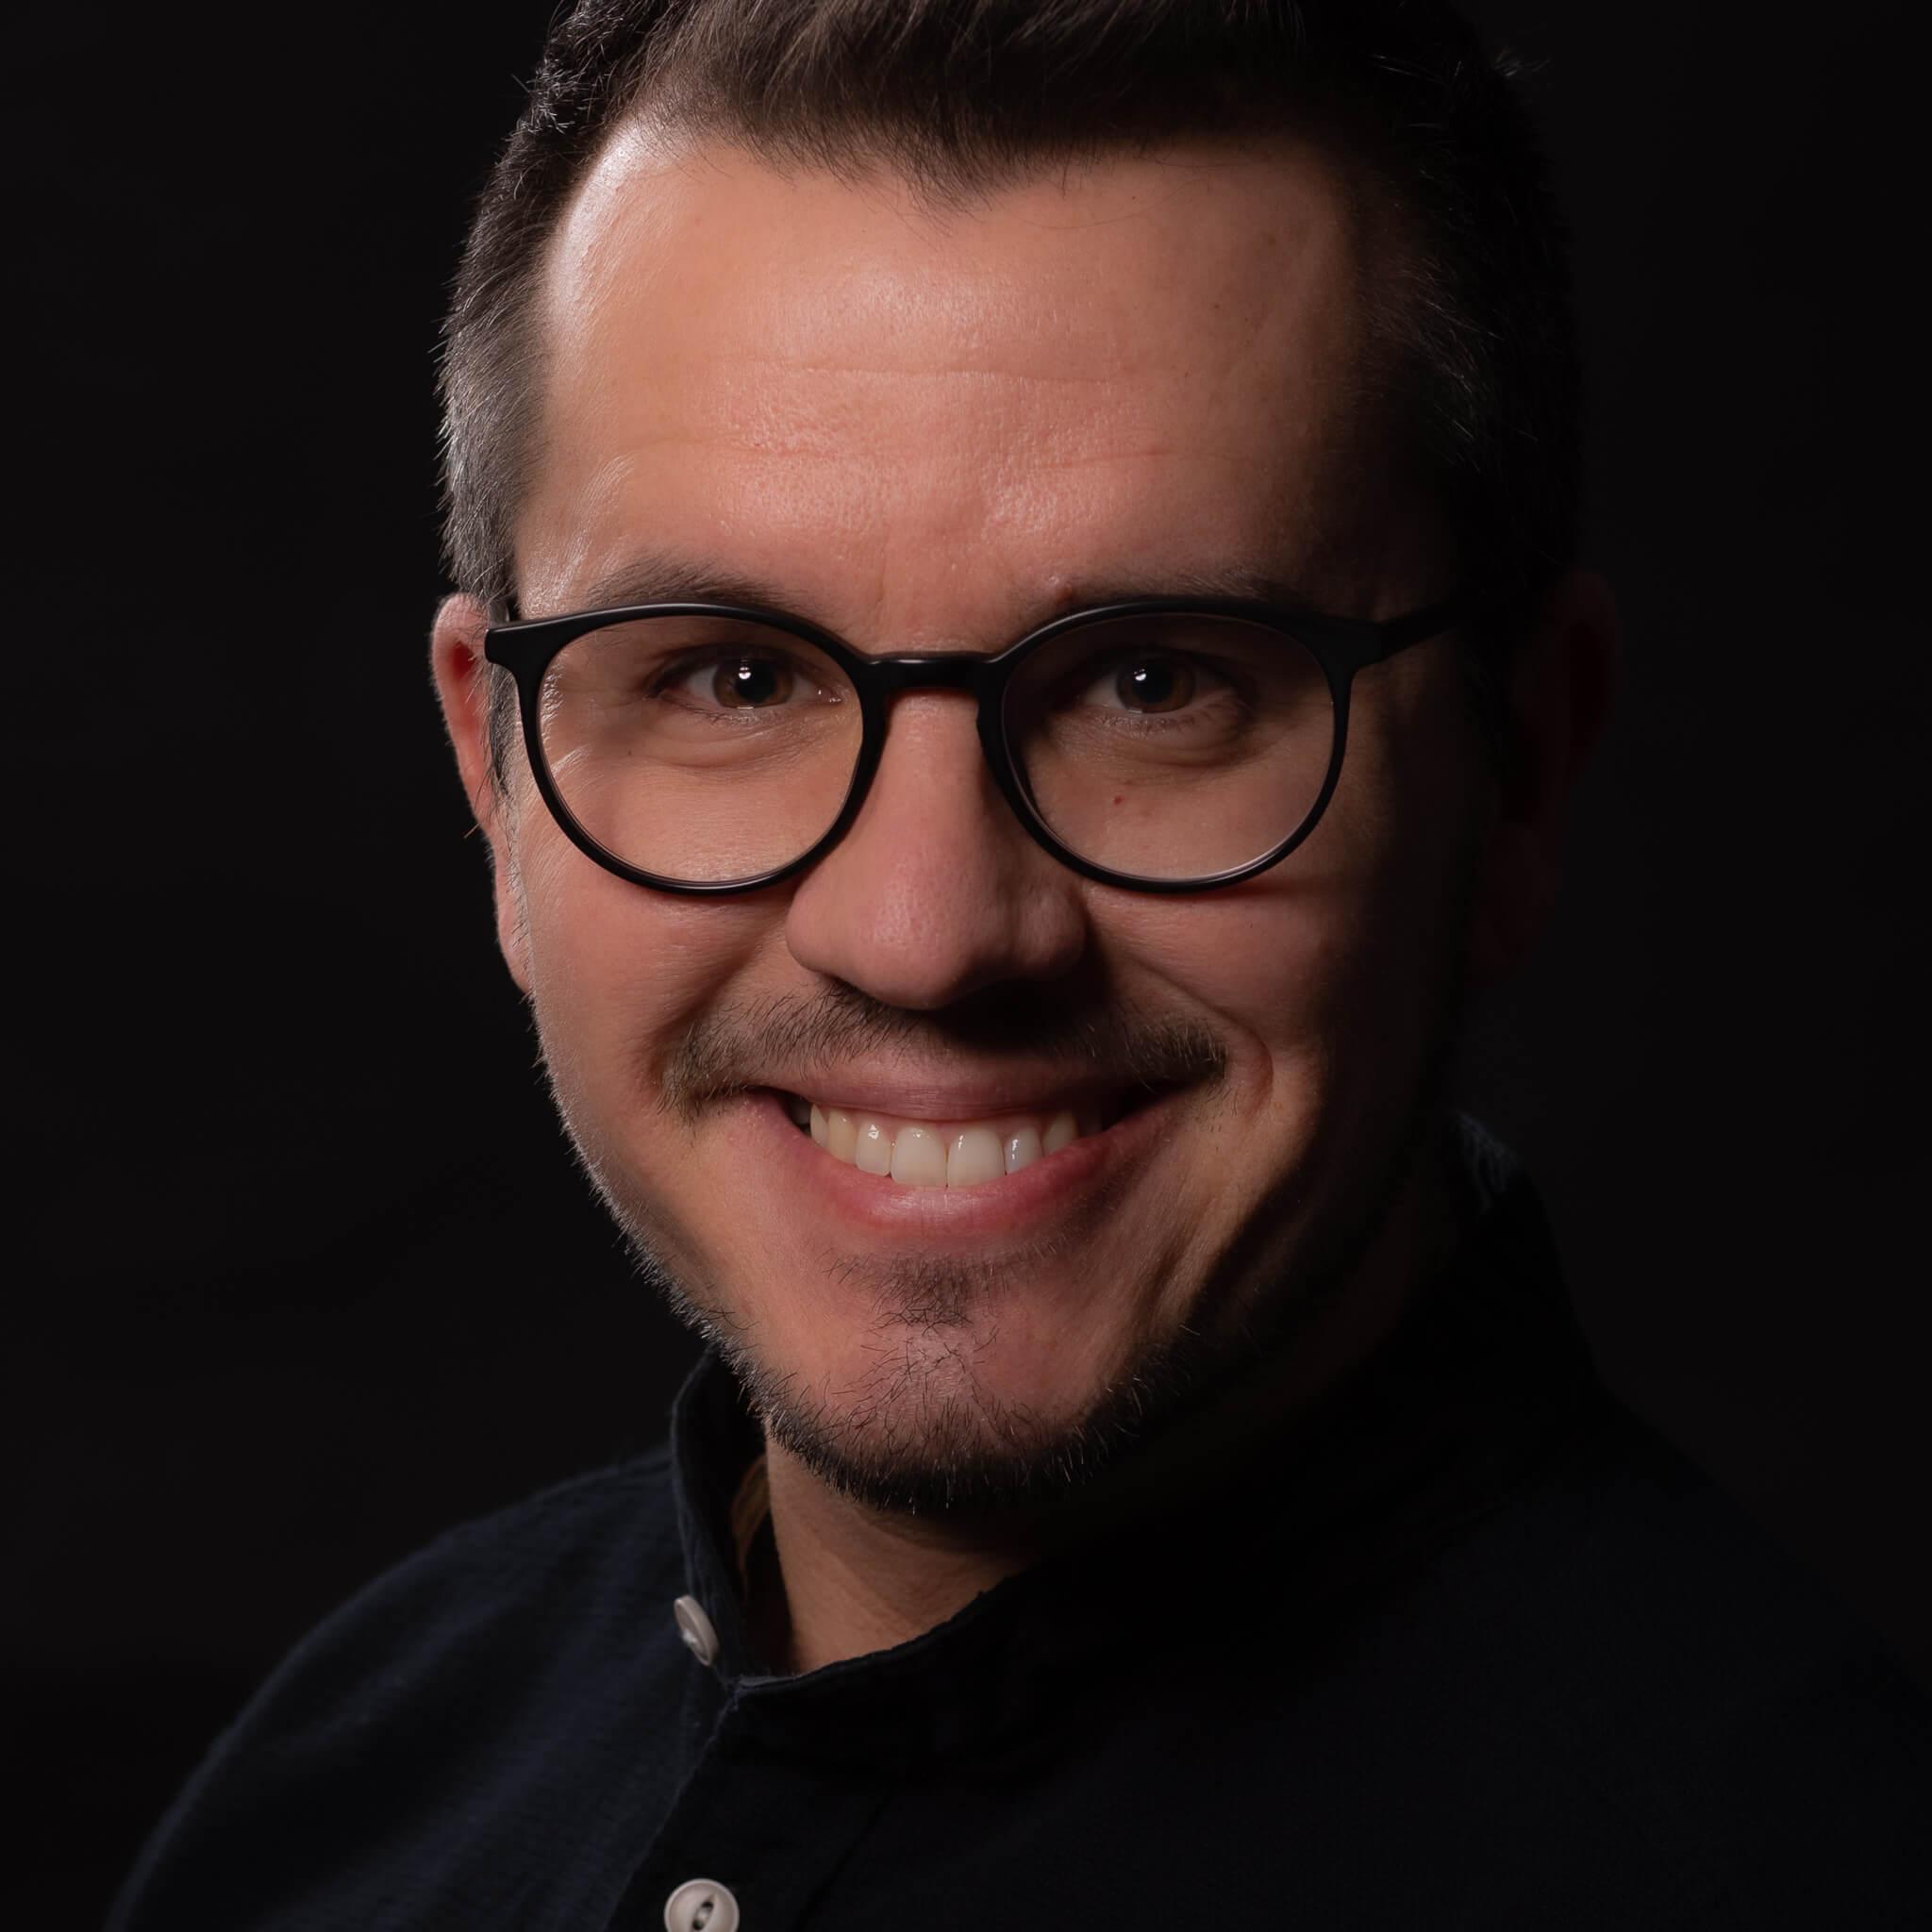 André Zander